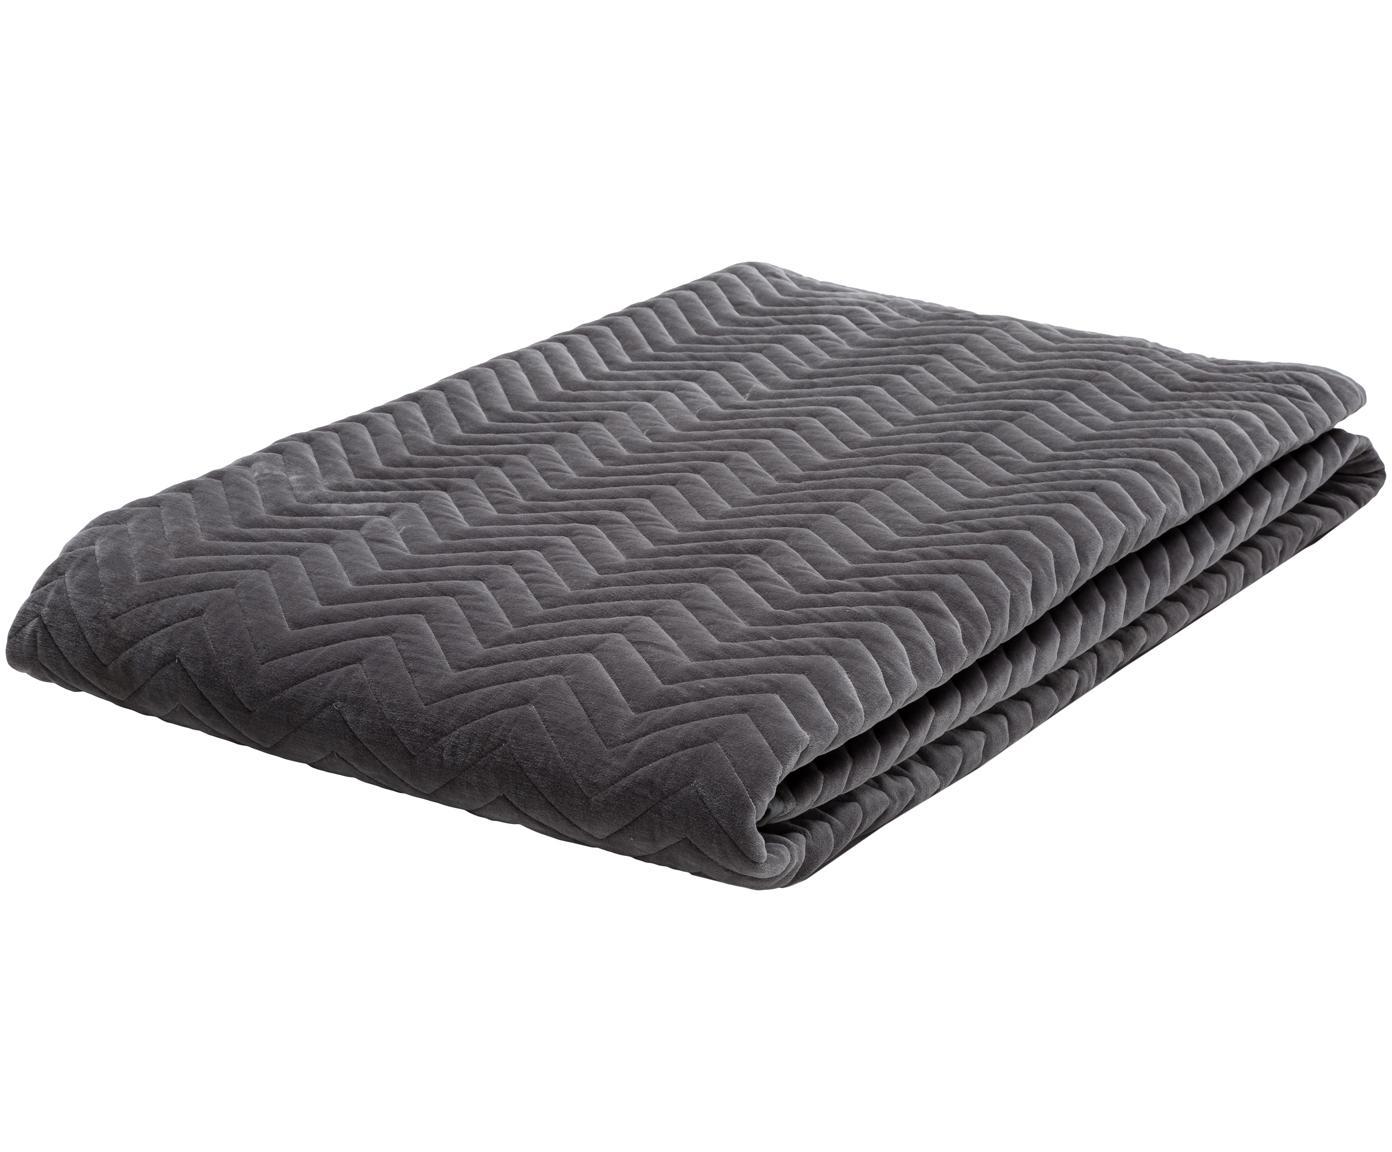 Samt-Tagesdecke Chevron, 100% Baumwollsamt, Grau, 240 x 260 cm